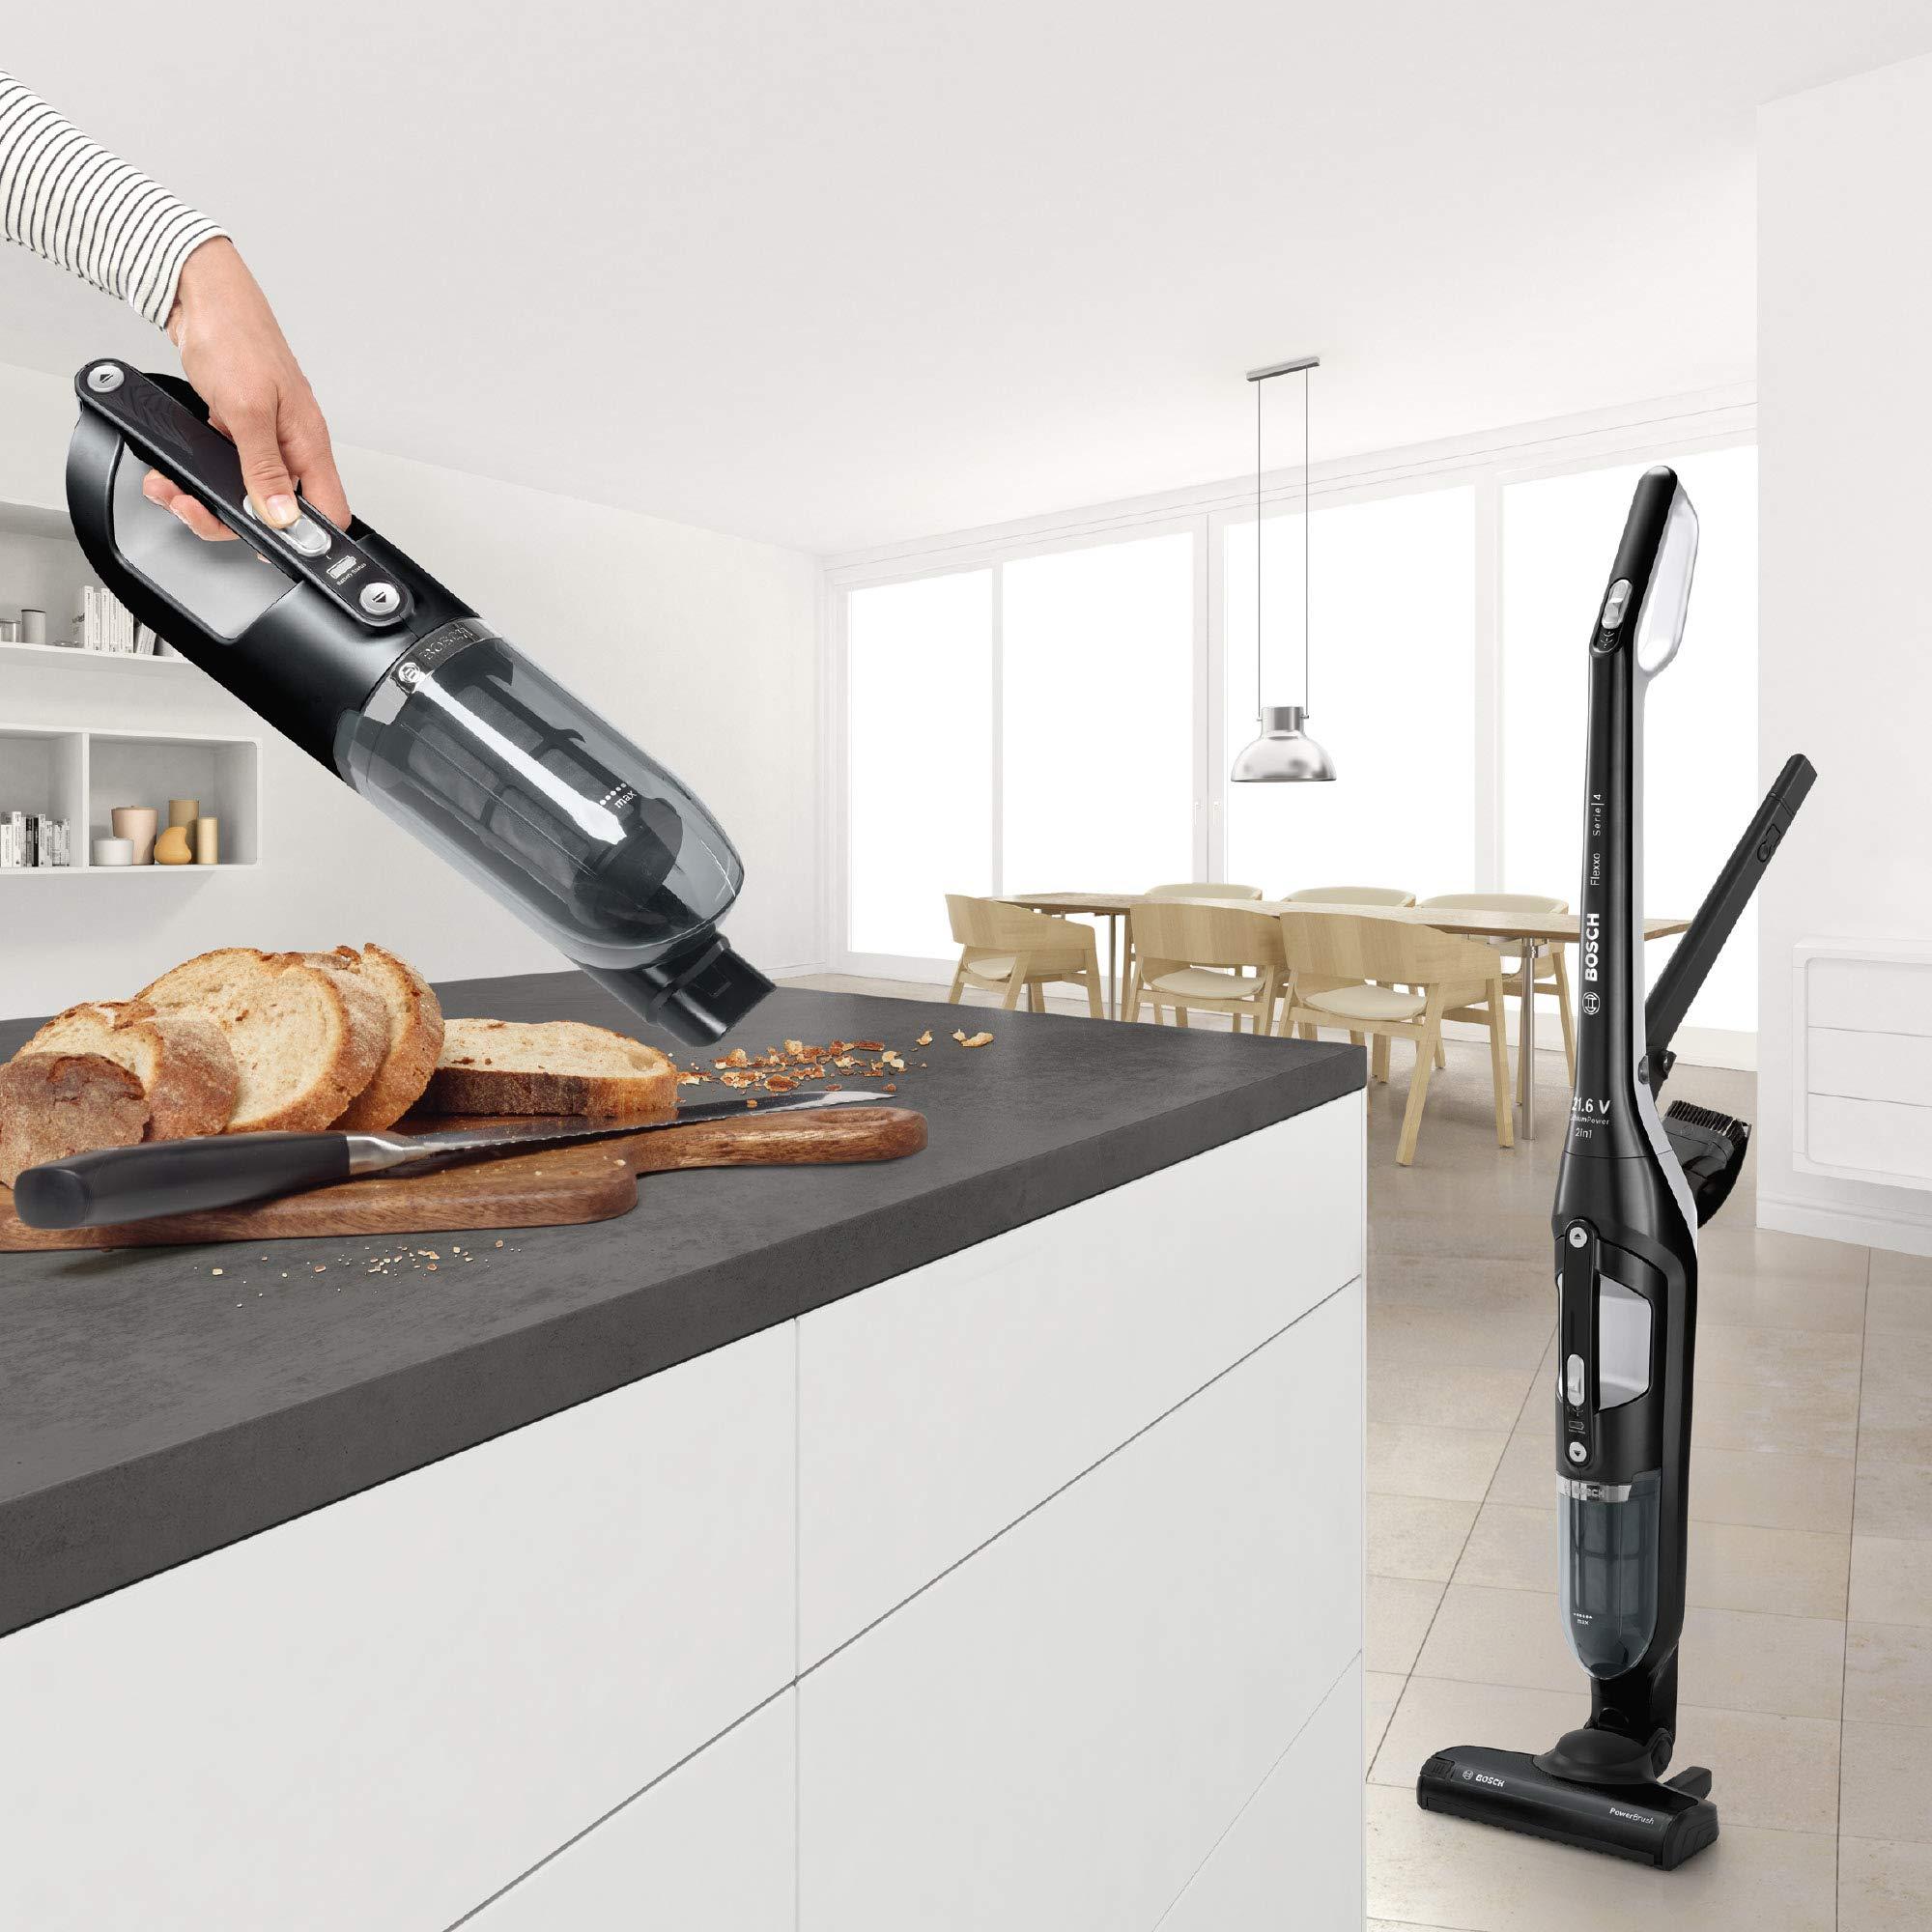 Bosch Akku-Staubsauger Flexxo 2 in 1 Serie 4 BBH32101, kabelloser Handstaubsauger, beutellos, hohe Saugleistung, lange…